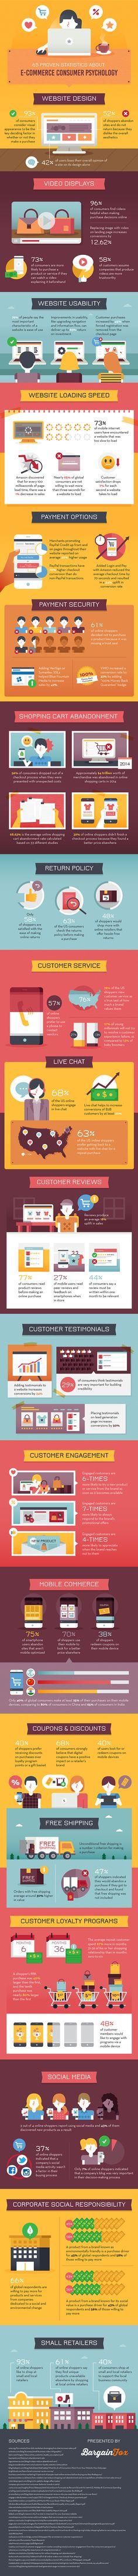 E-Commerce Consumer Psychology - Wie verhalten sich Kunden beim Online-Shopping?